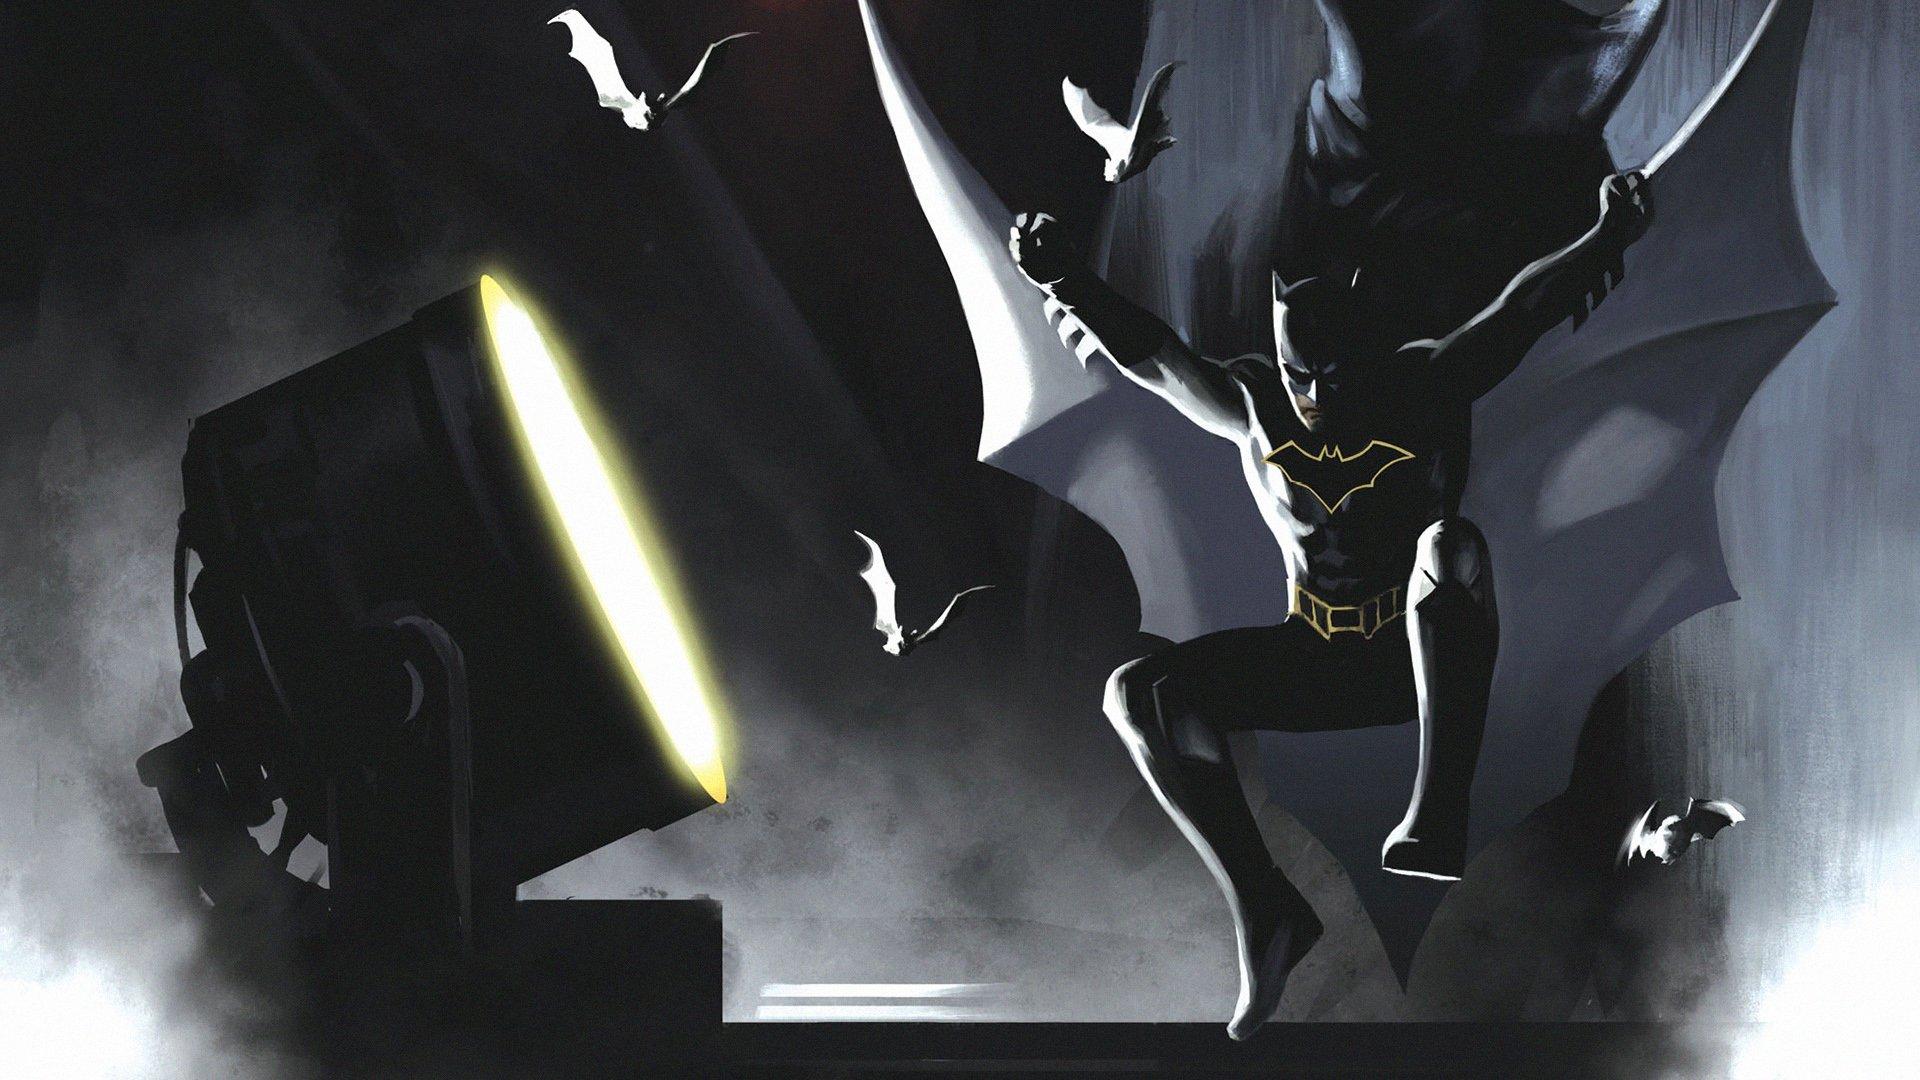 wallpapers batman, best batman pics